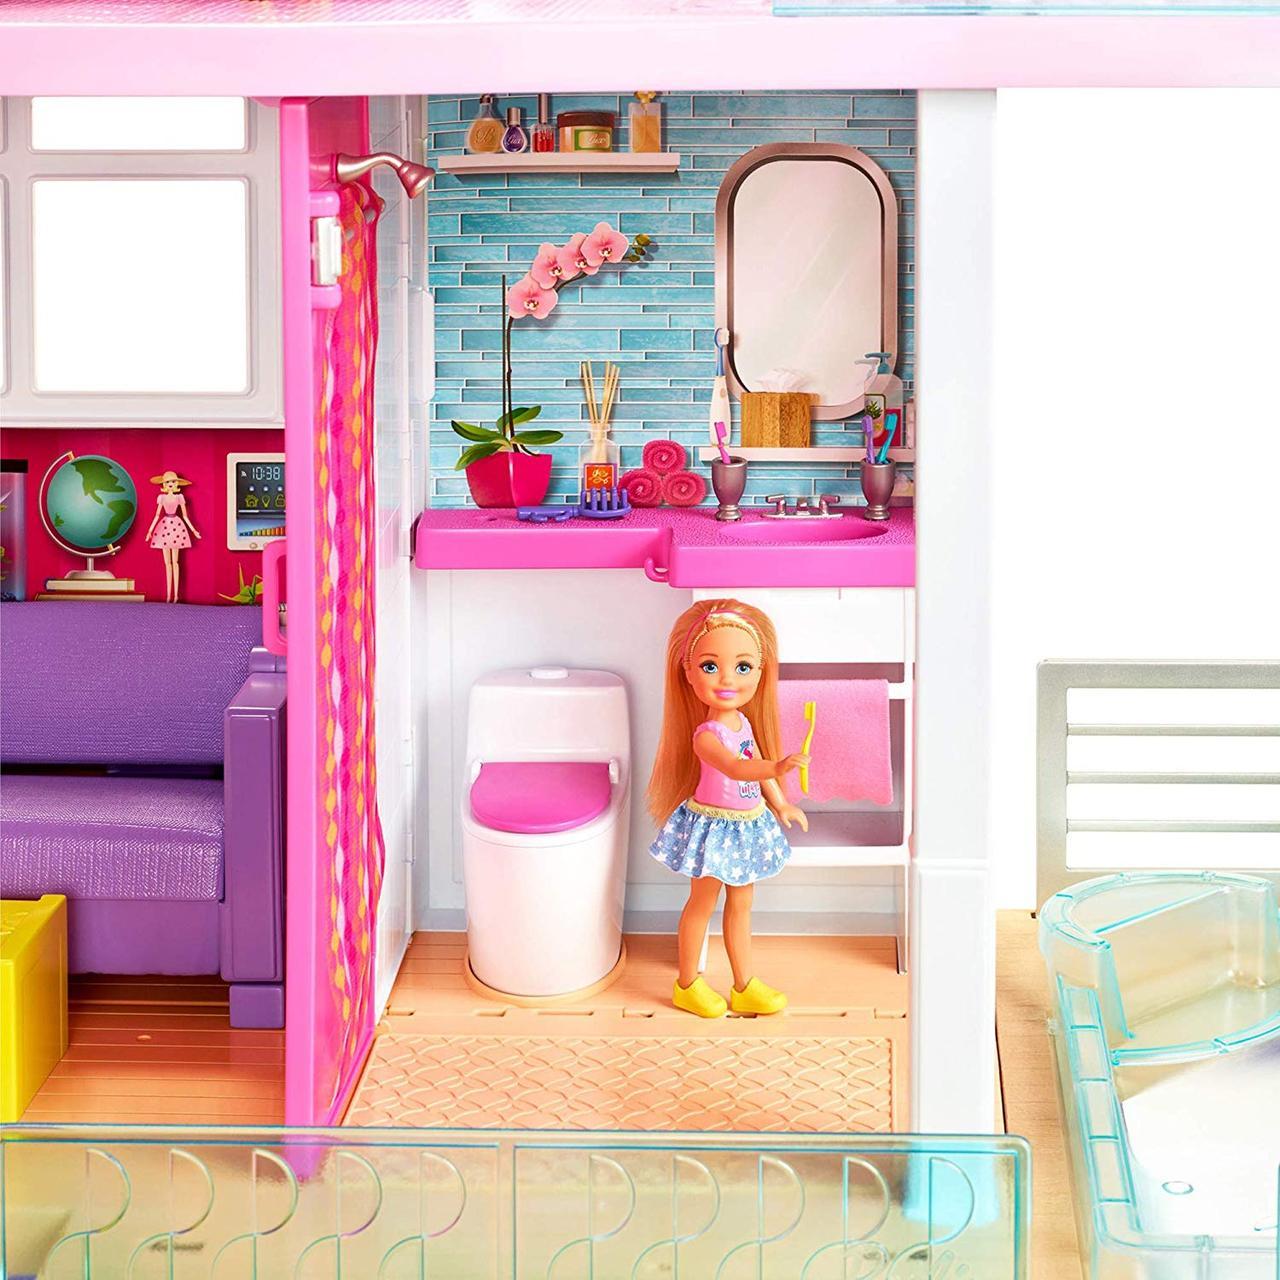 Дом мечты Барби купить Украина | familyland.com.ua